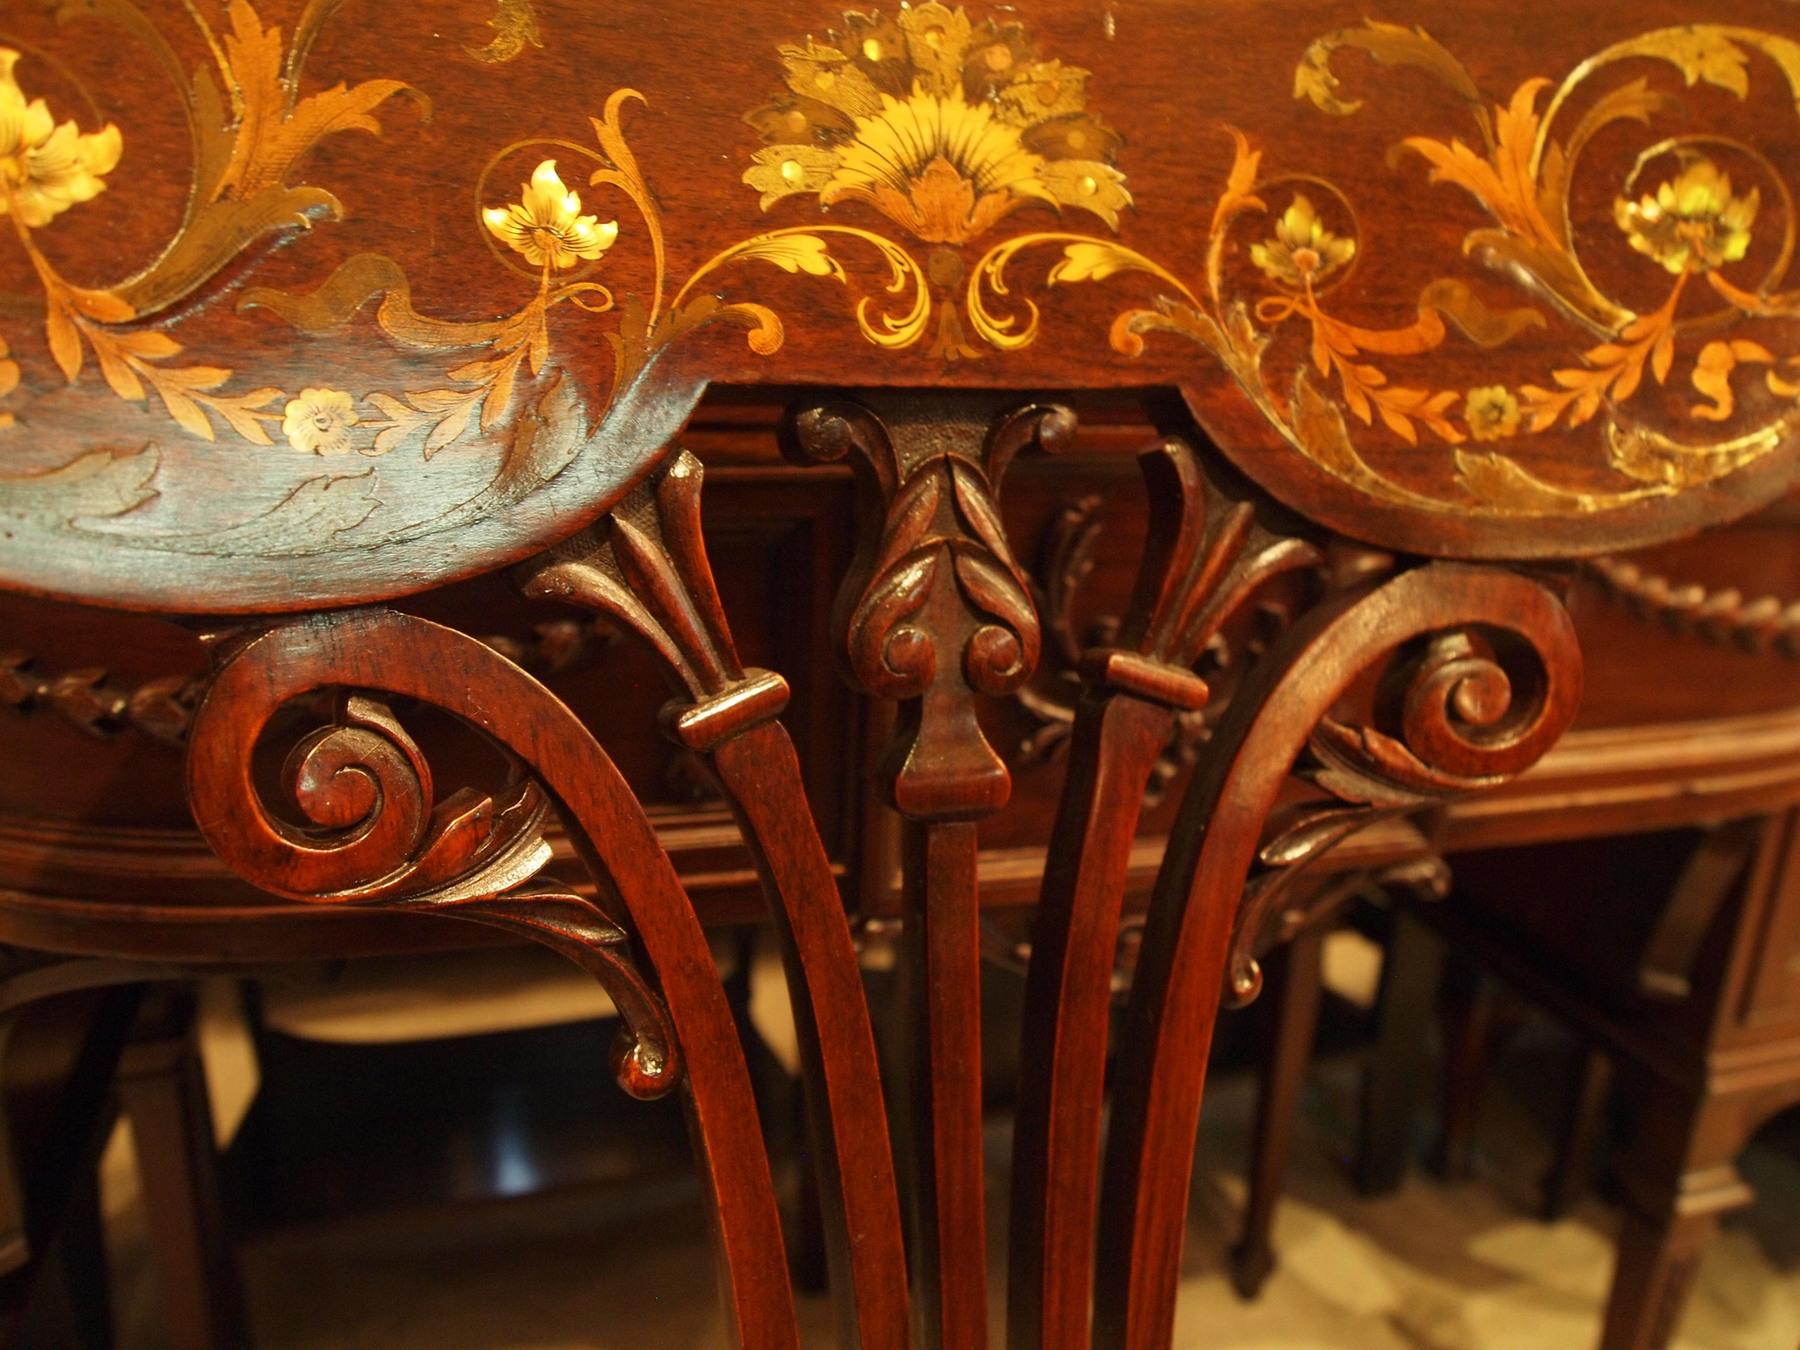 chair190127b_07.JPG